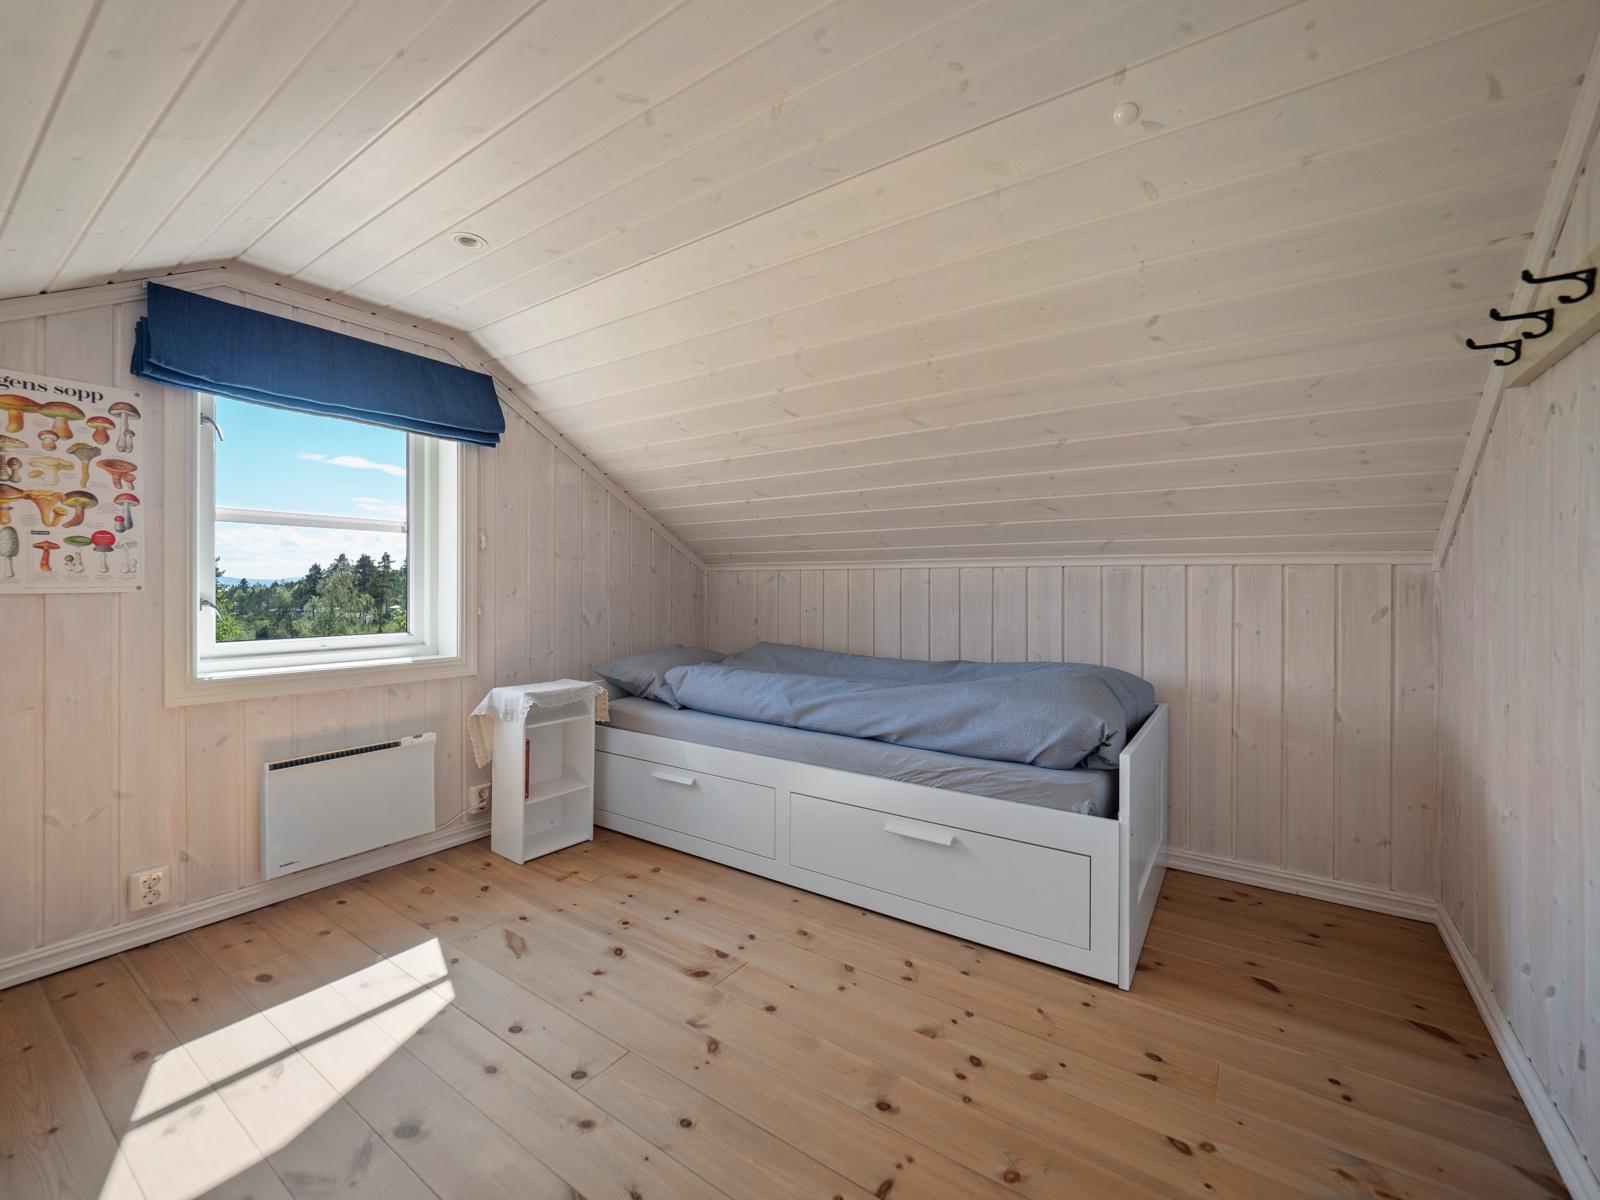 Innredet rom II i loftetasjen som benyttes som soverom